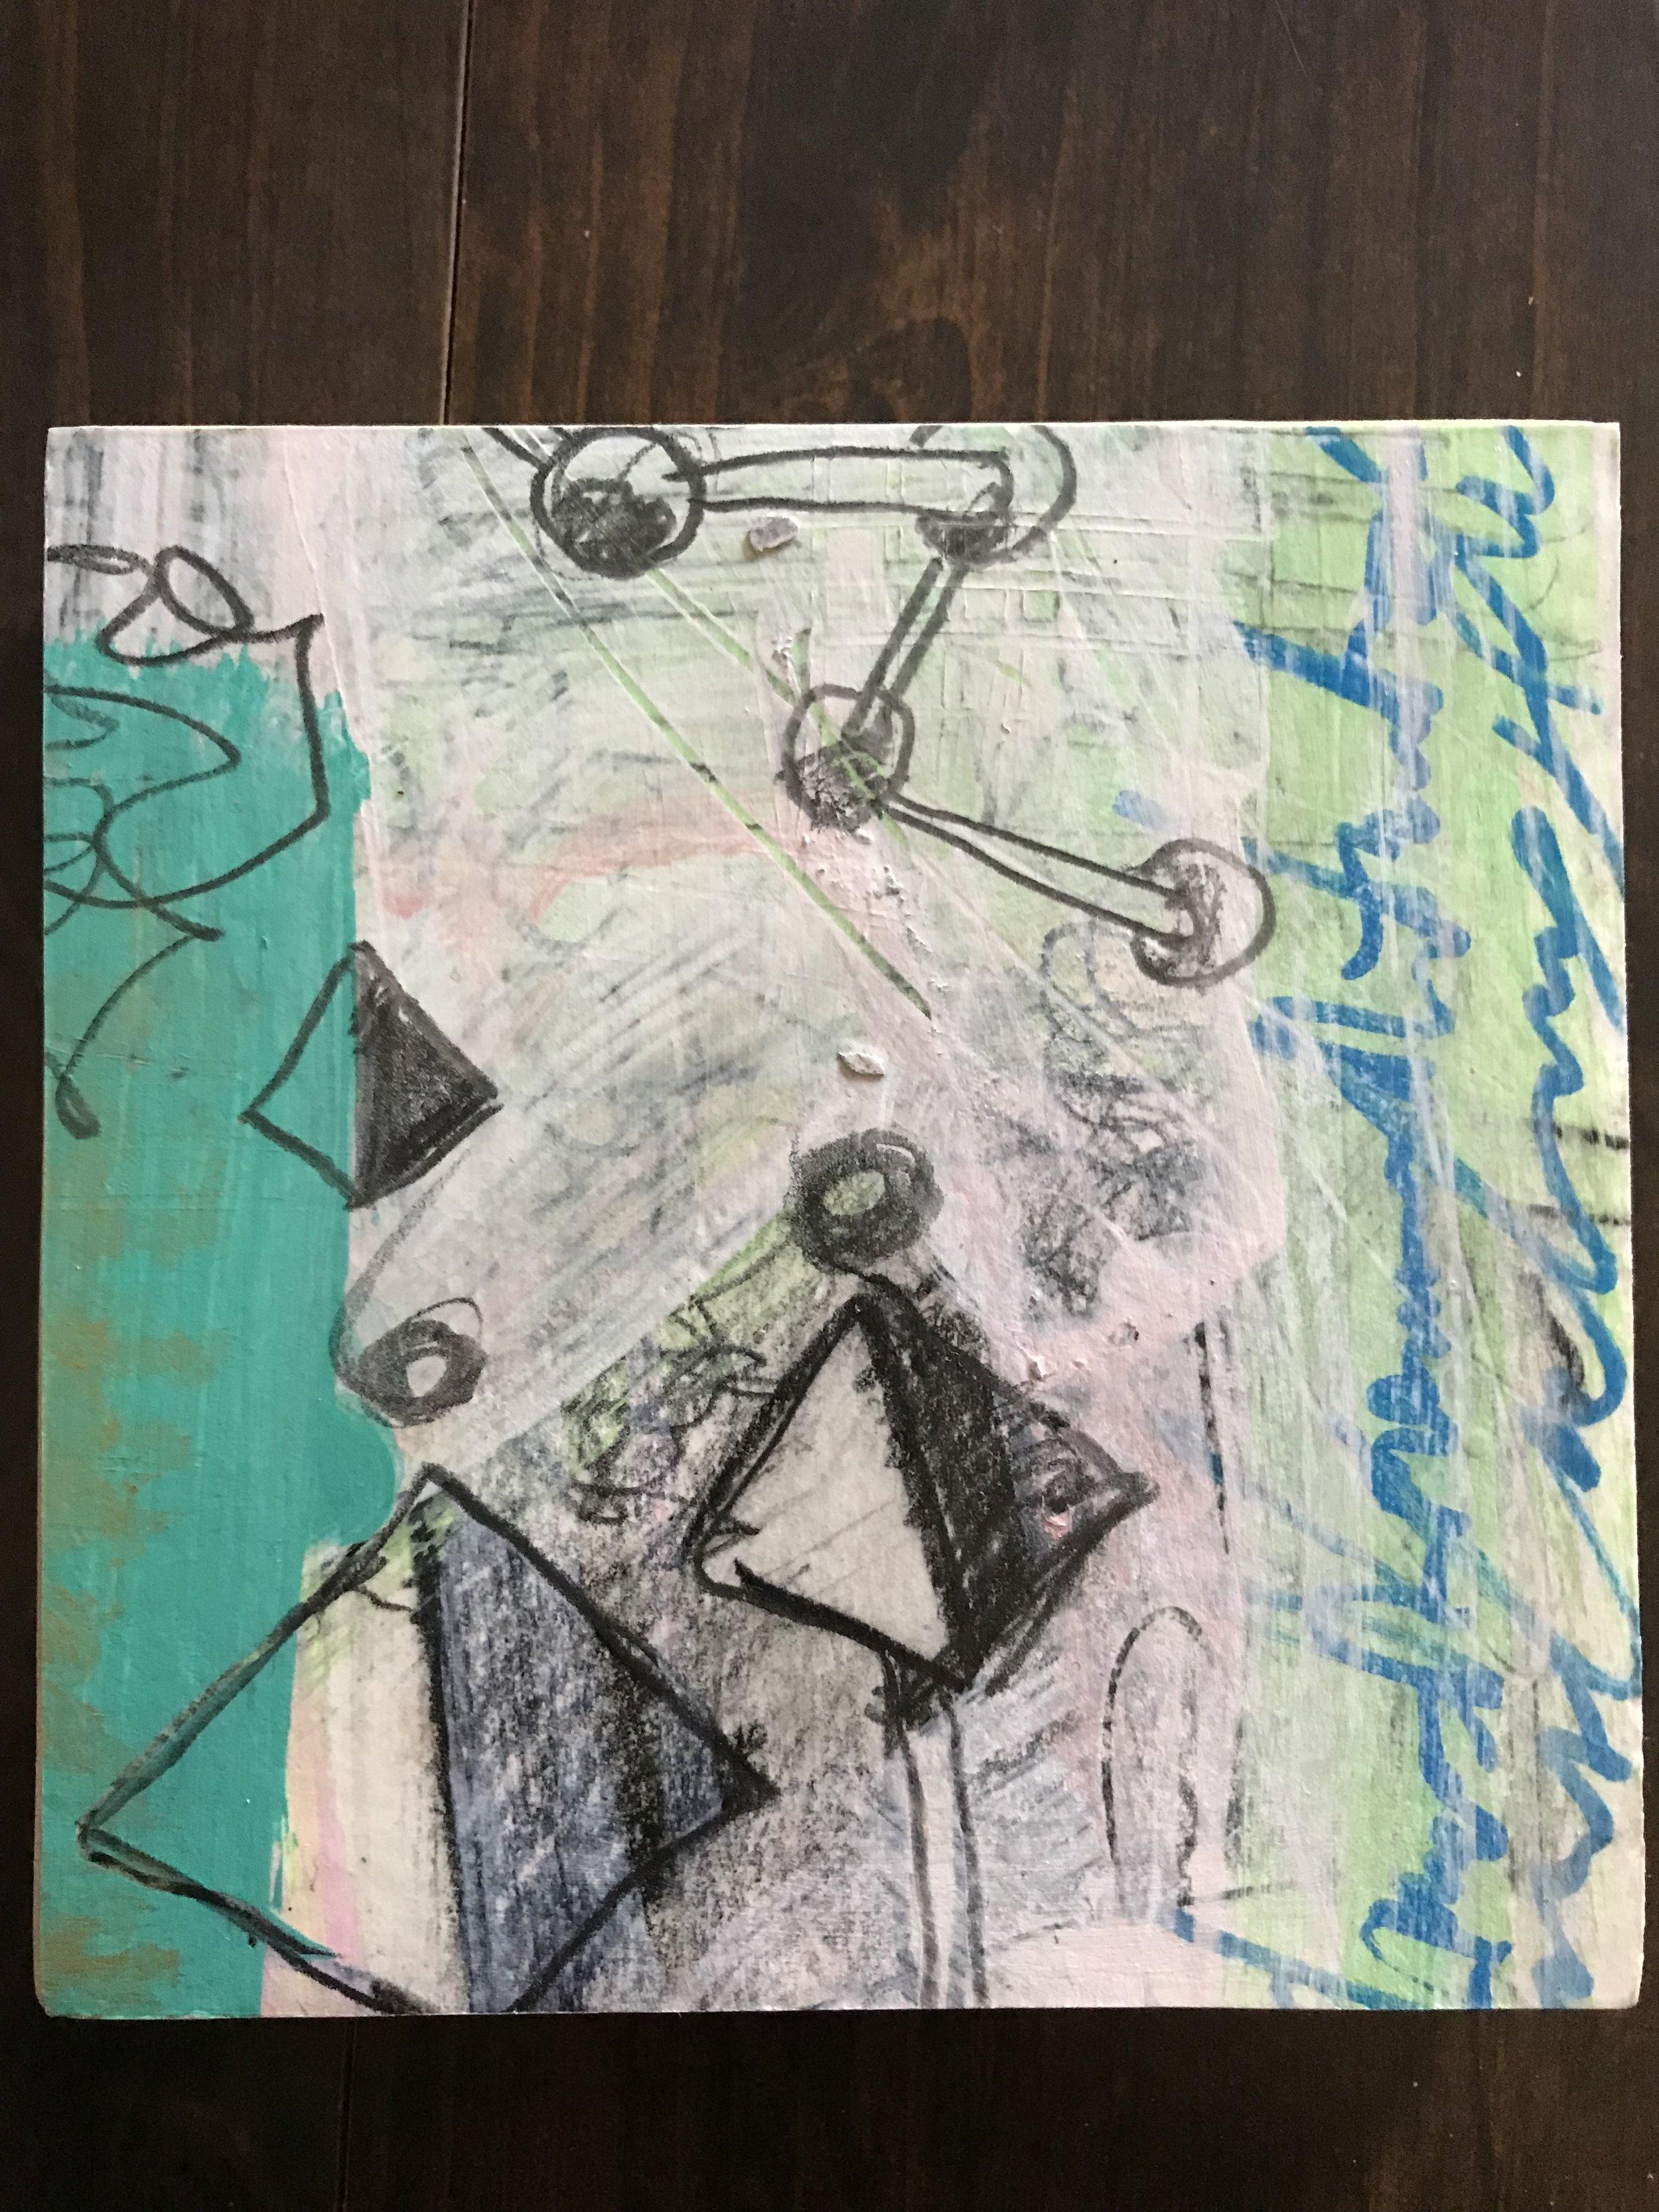 Matt Pierson, Abstract No.43 Pink Drip